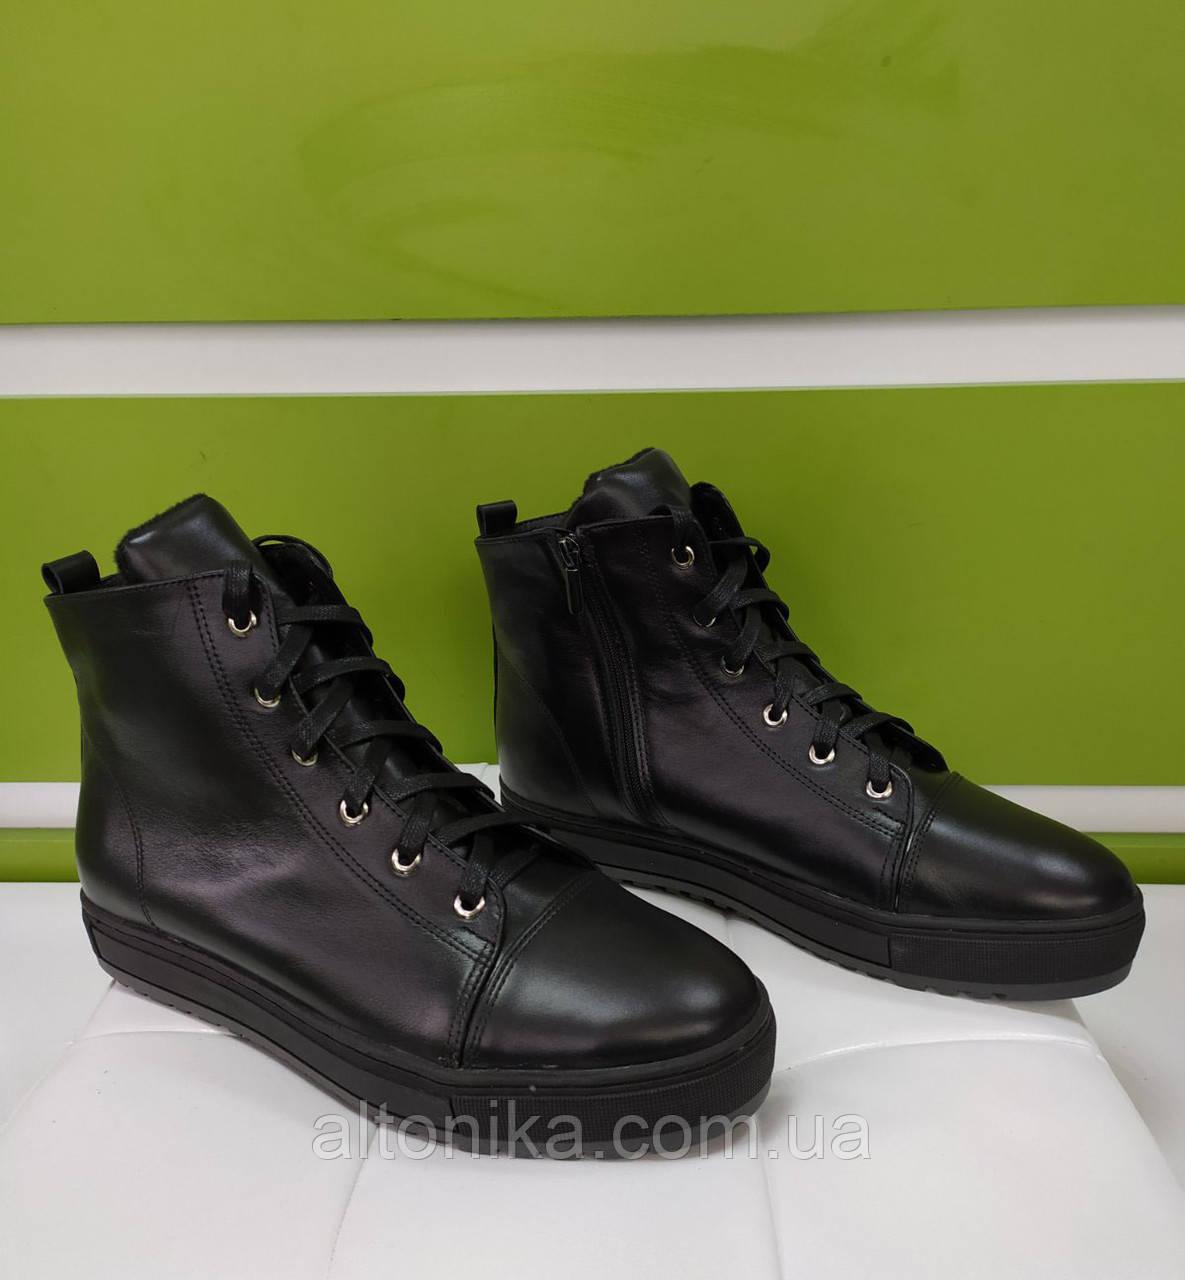 STTOPA деми зима. Размеры 42-45!Ботинки из натуральной кожи больших размеров! С9-35-4245-3-3645 Черный